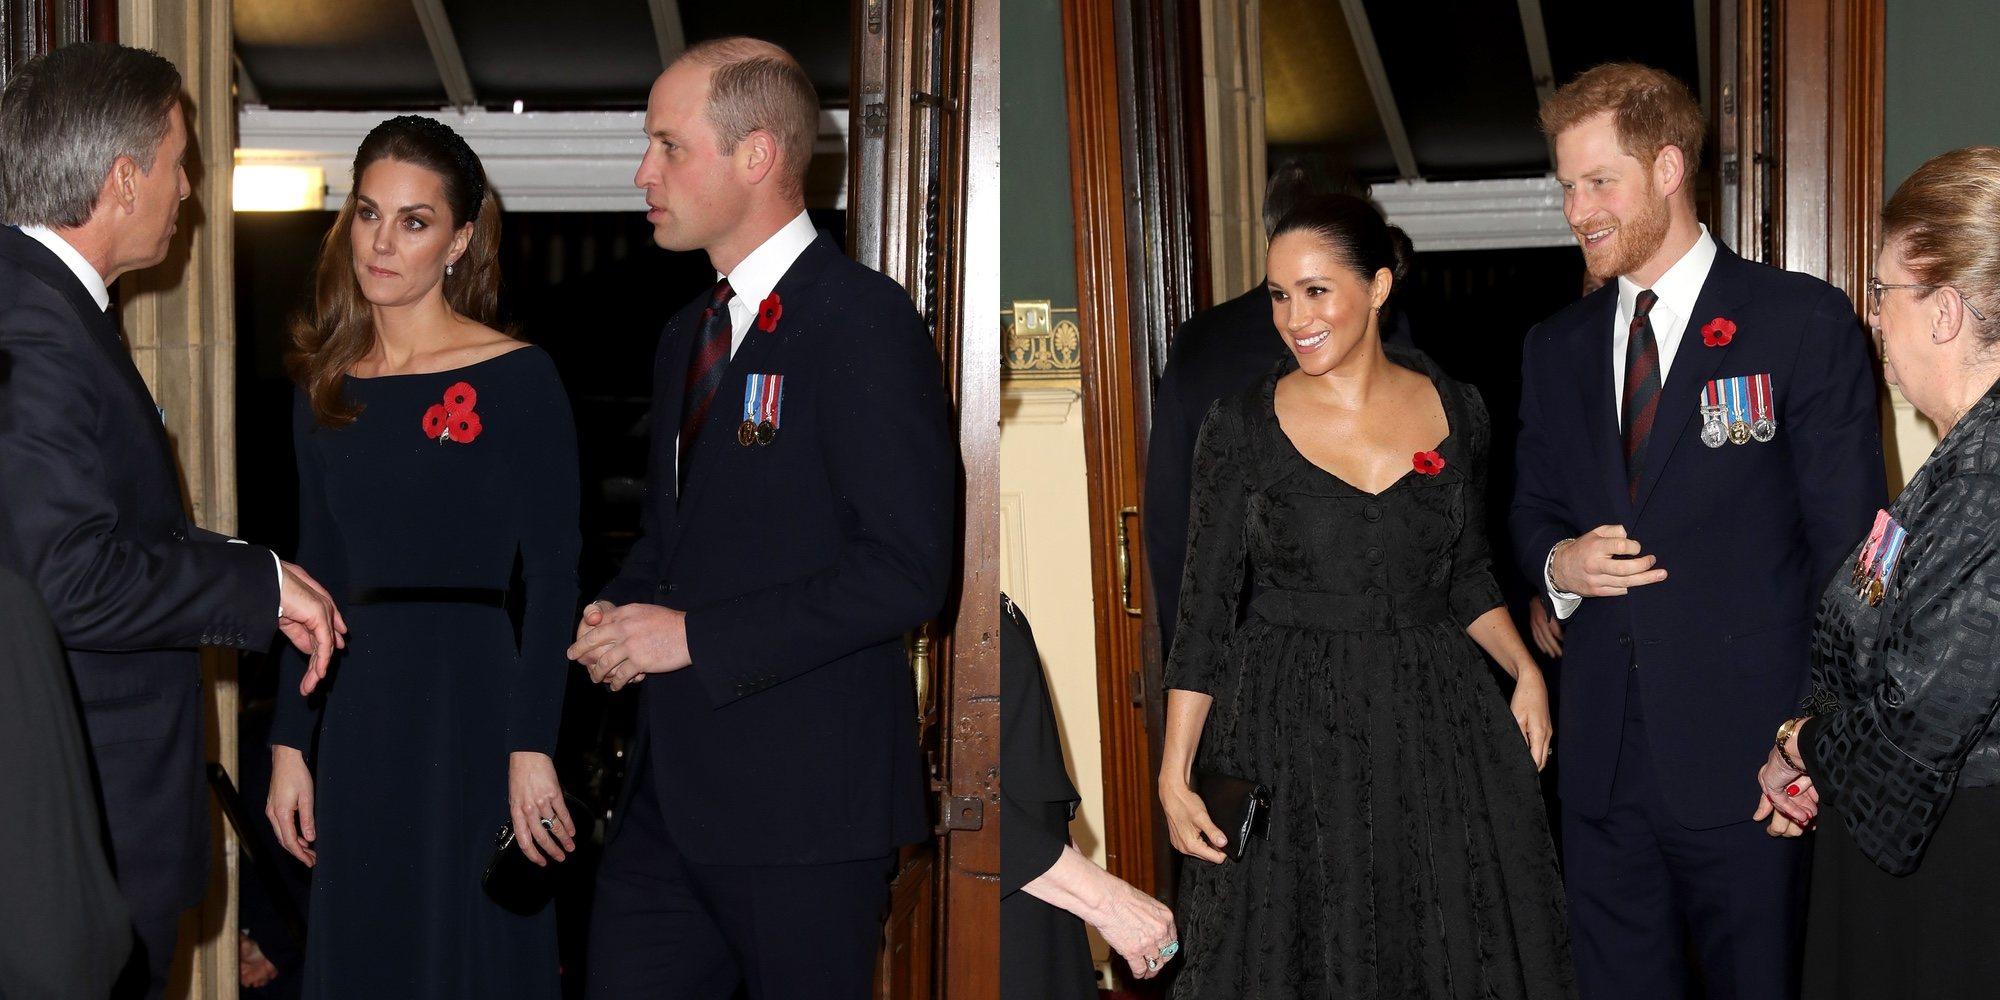 Los Duques de Cambridge ponen distancia con los Duques de Sussex en su aparición conjunta